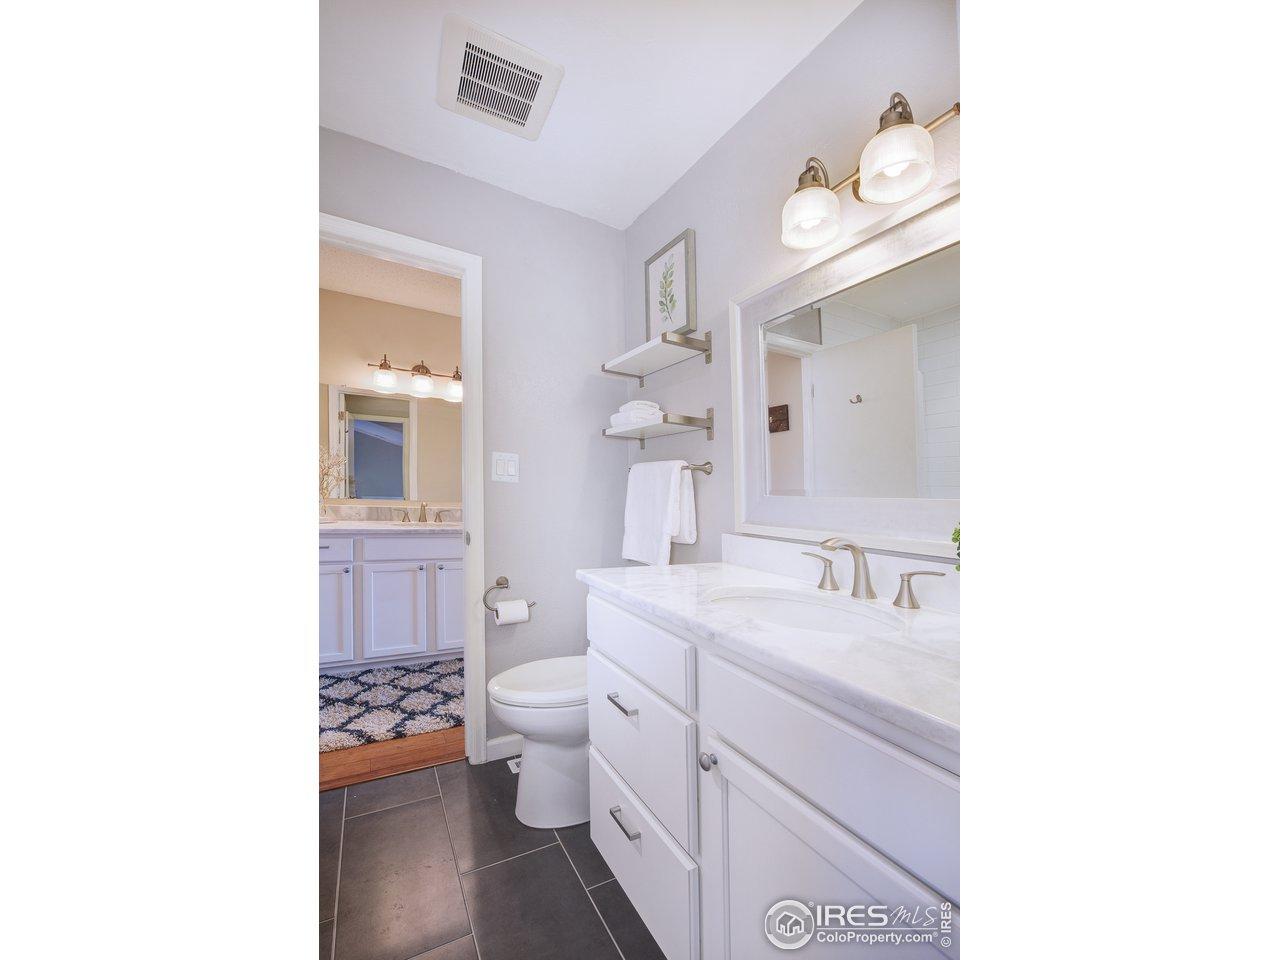 2 bathroom vanities